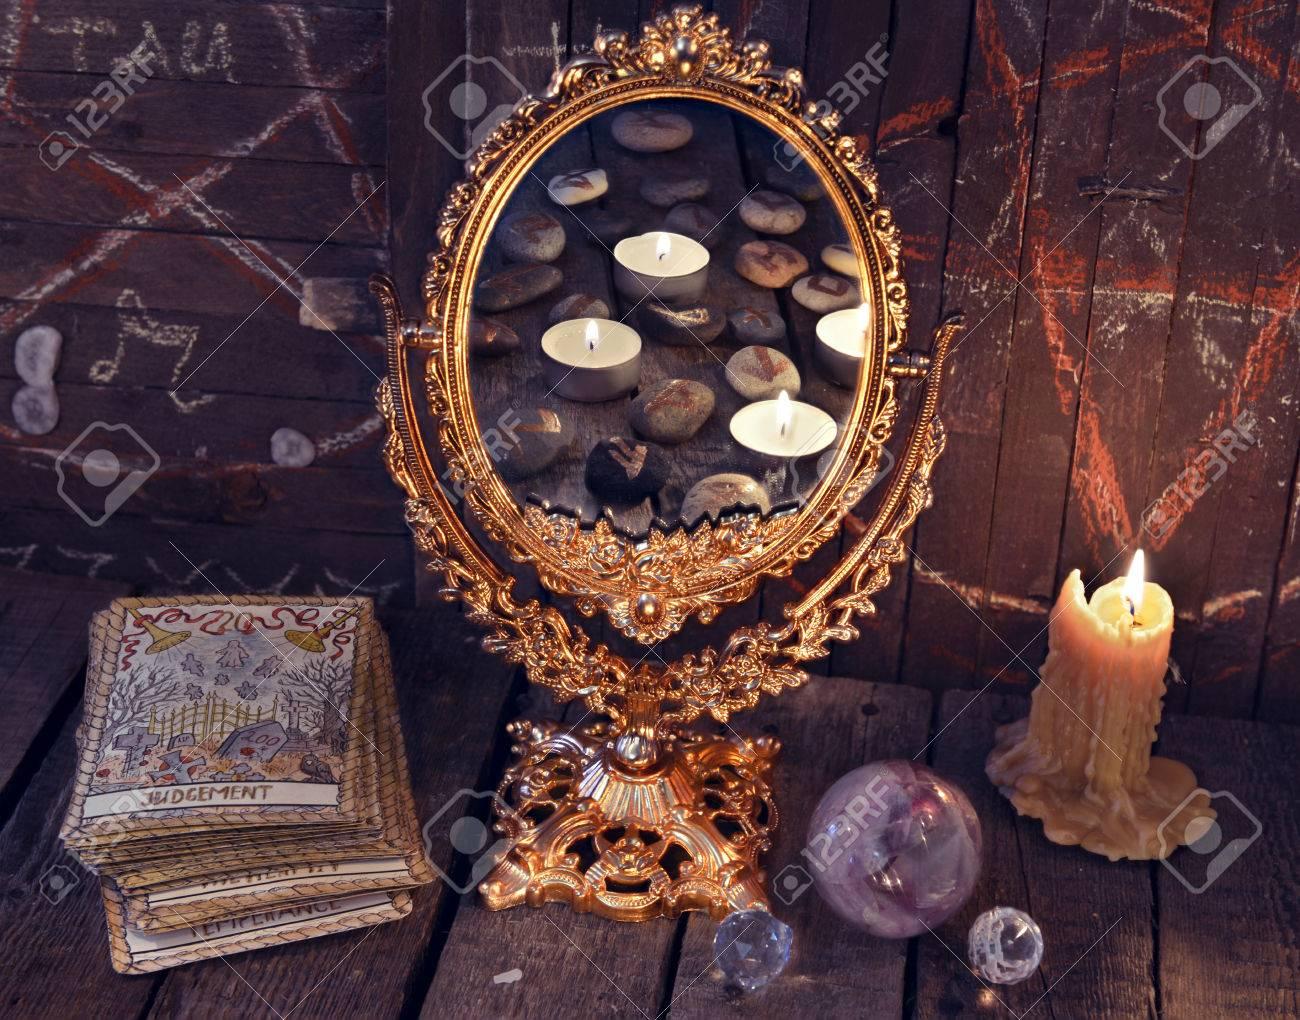 065a6434615 Miroir magique avec des cartes de Tarot et des bougies allumées. Fond  d'Halloween, rite ou sort magique noir, objets occultes et ésotériques sur  ...